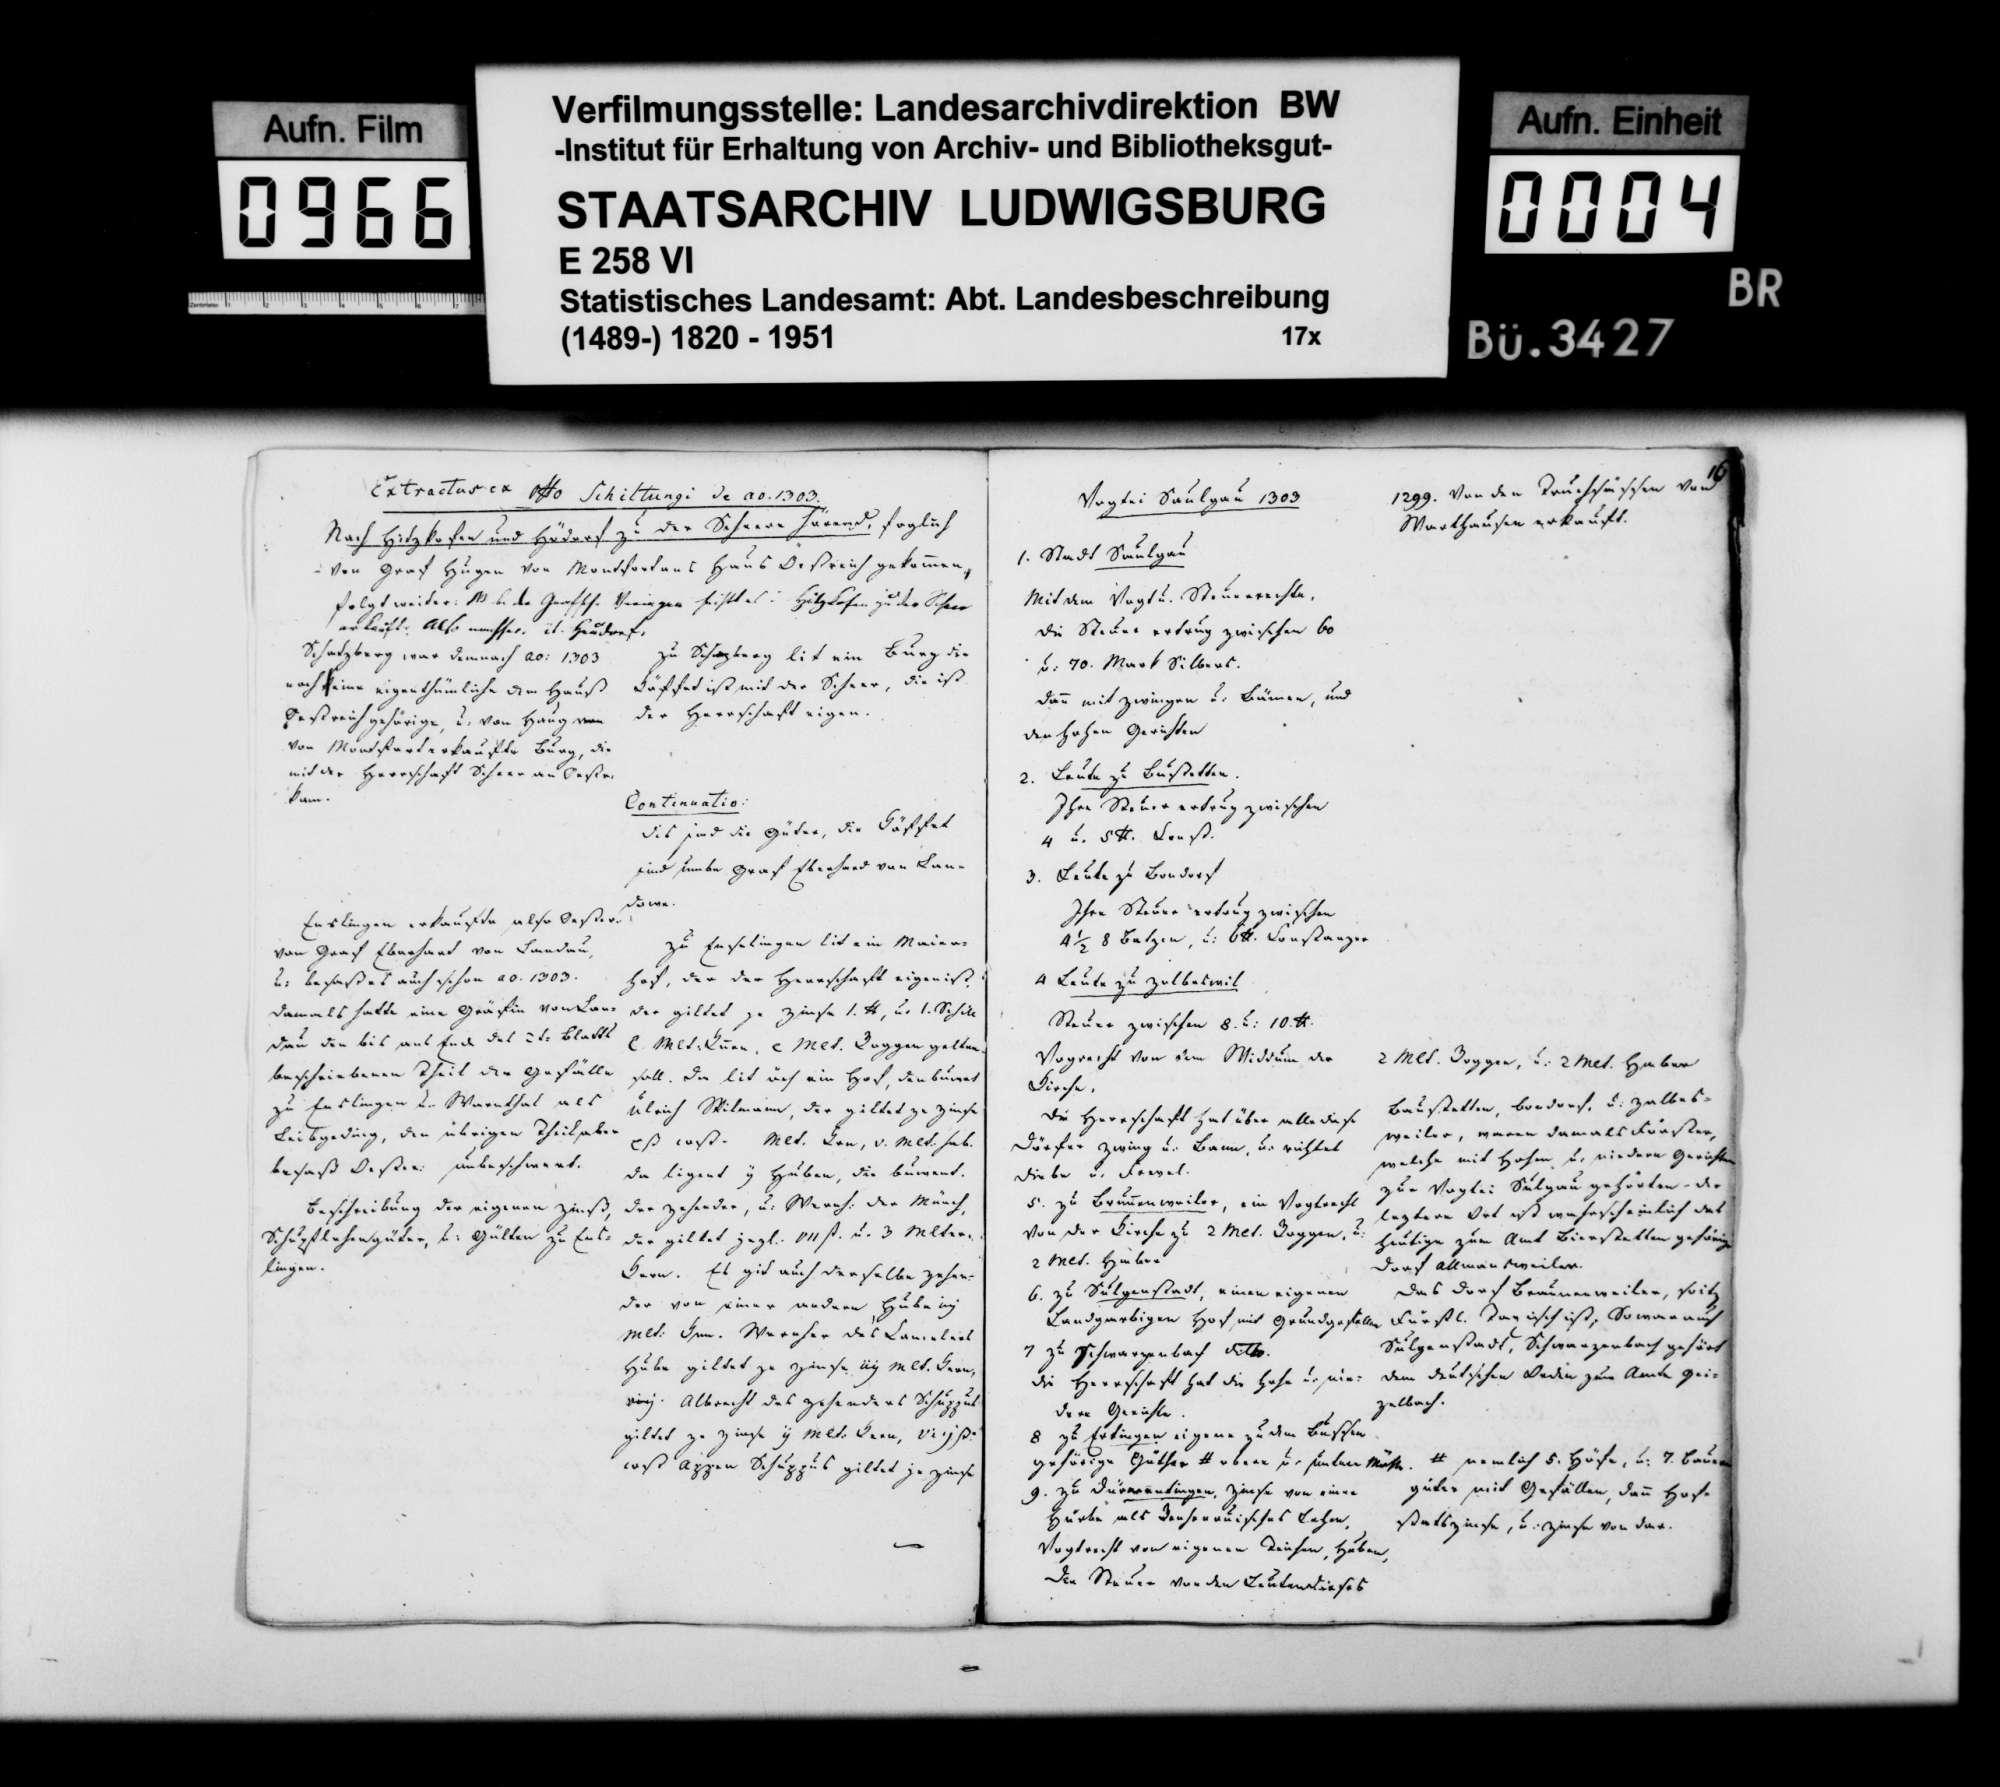 Abschriften und Auszüge [der Kanzlei des STBs] zur mittelalterlichen Adels- und Besitzgeschichte im Oberamtsbezirk und Umgebung, Bild 3